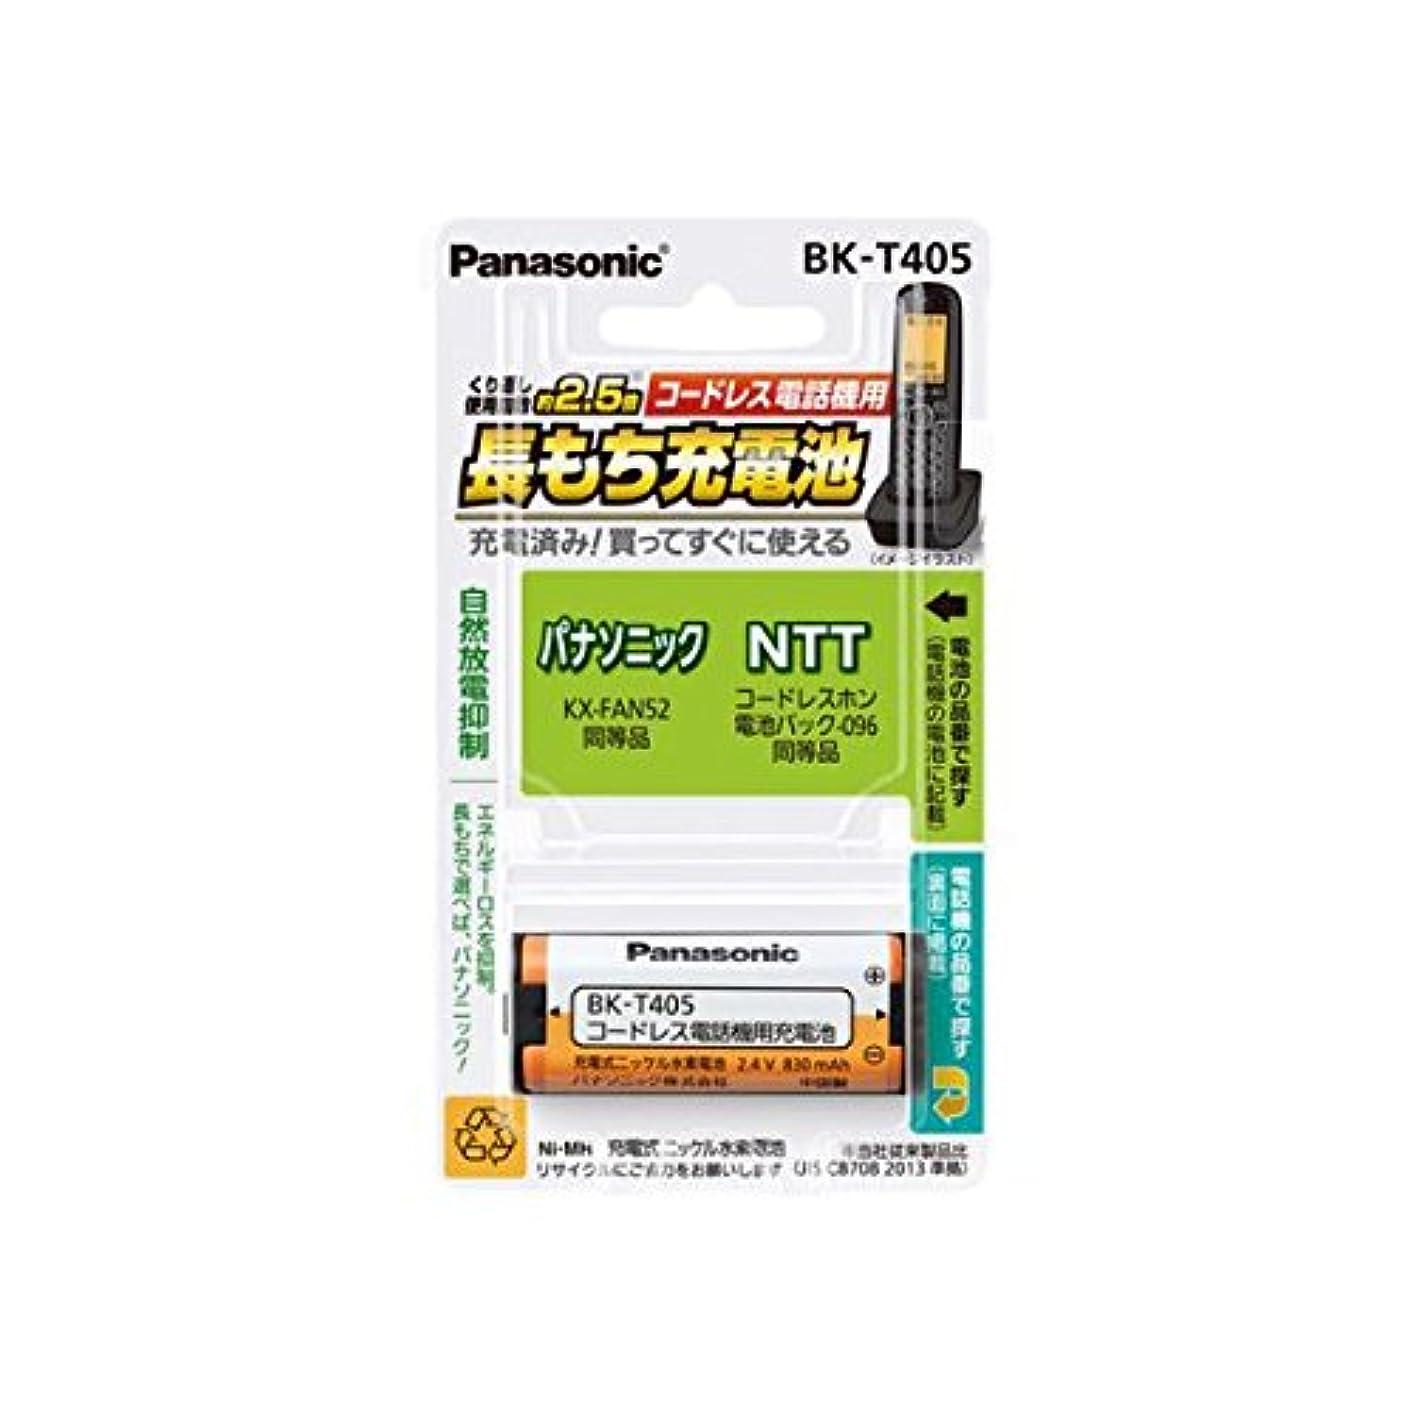 ナチュラル階段悪性のパナソニック(家電) 充電式ニッケル水素電池 BK-T405 AV デジモノ パソコン 周辺機器 その他のパソコン 周辺機器 top1-ds-1946605-ak [簡易パッケージ品]